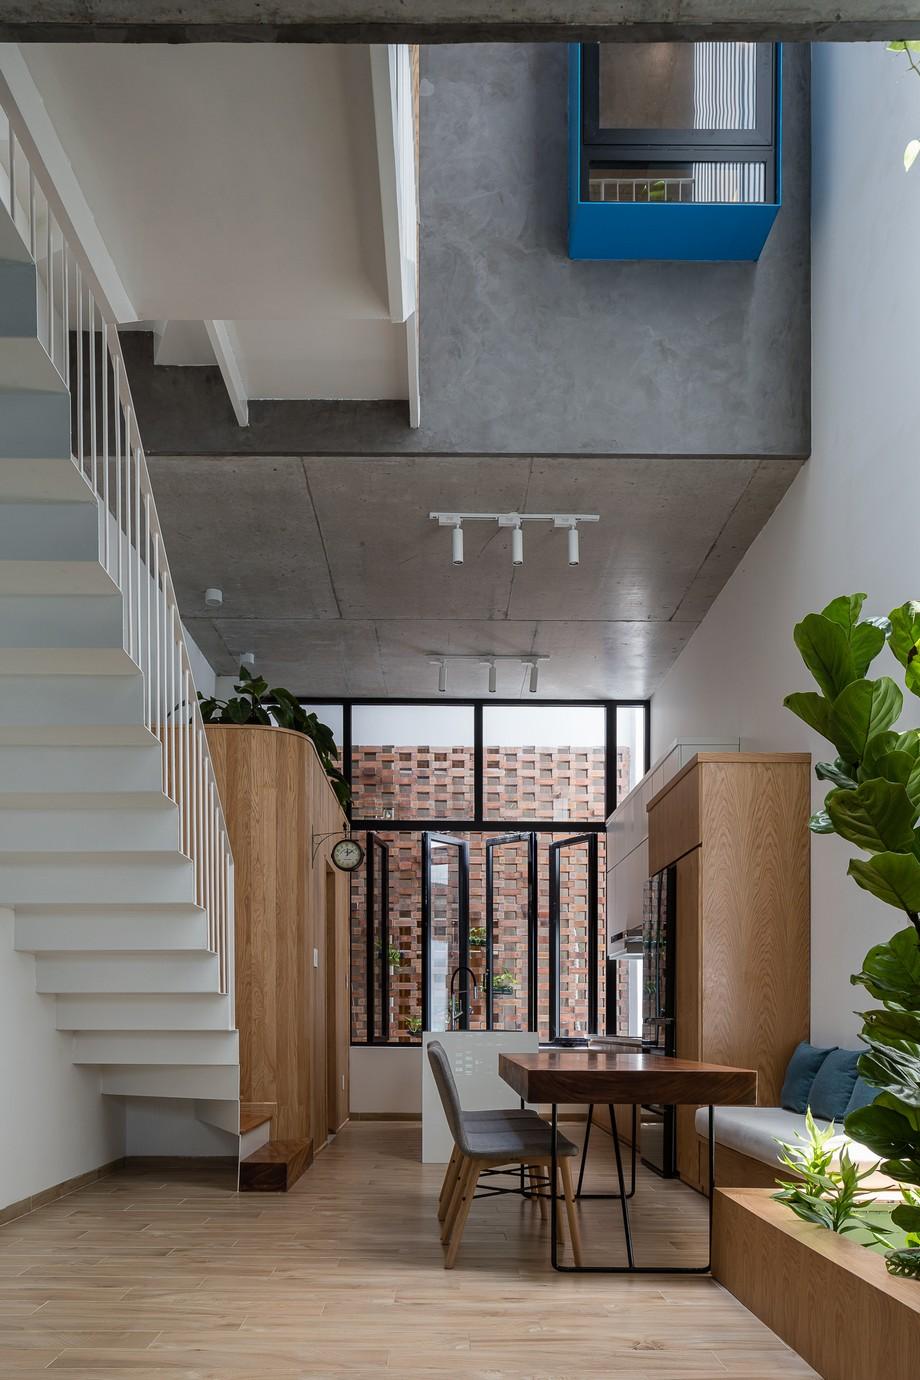 Thiết kế phòng bếp nhà phố đẹp